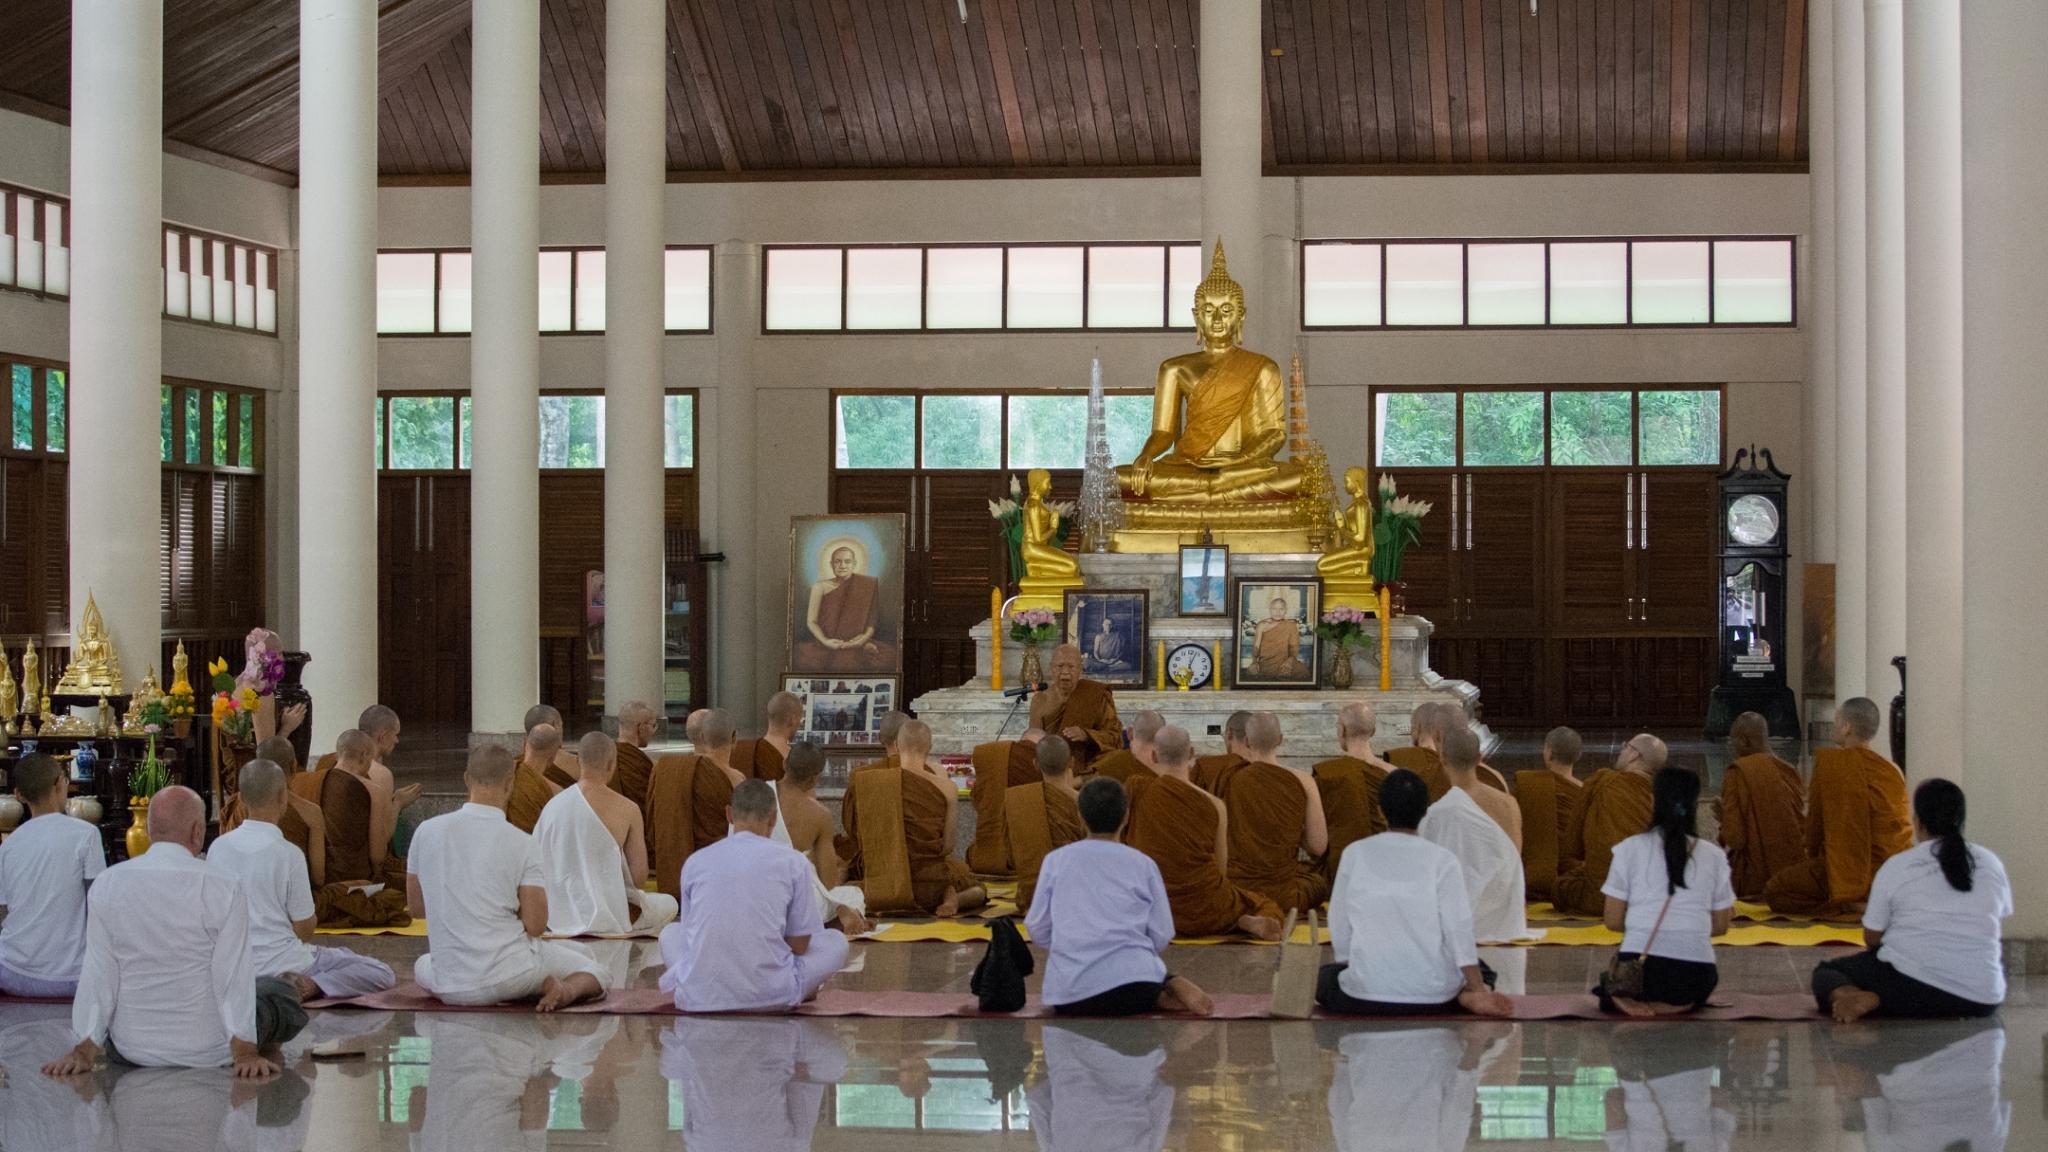 at Wat Pah Nohn Savann (Luang Por Nuh Daeng)